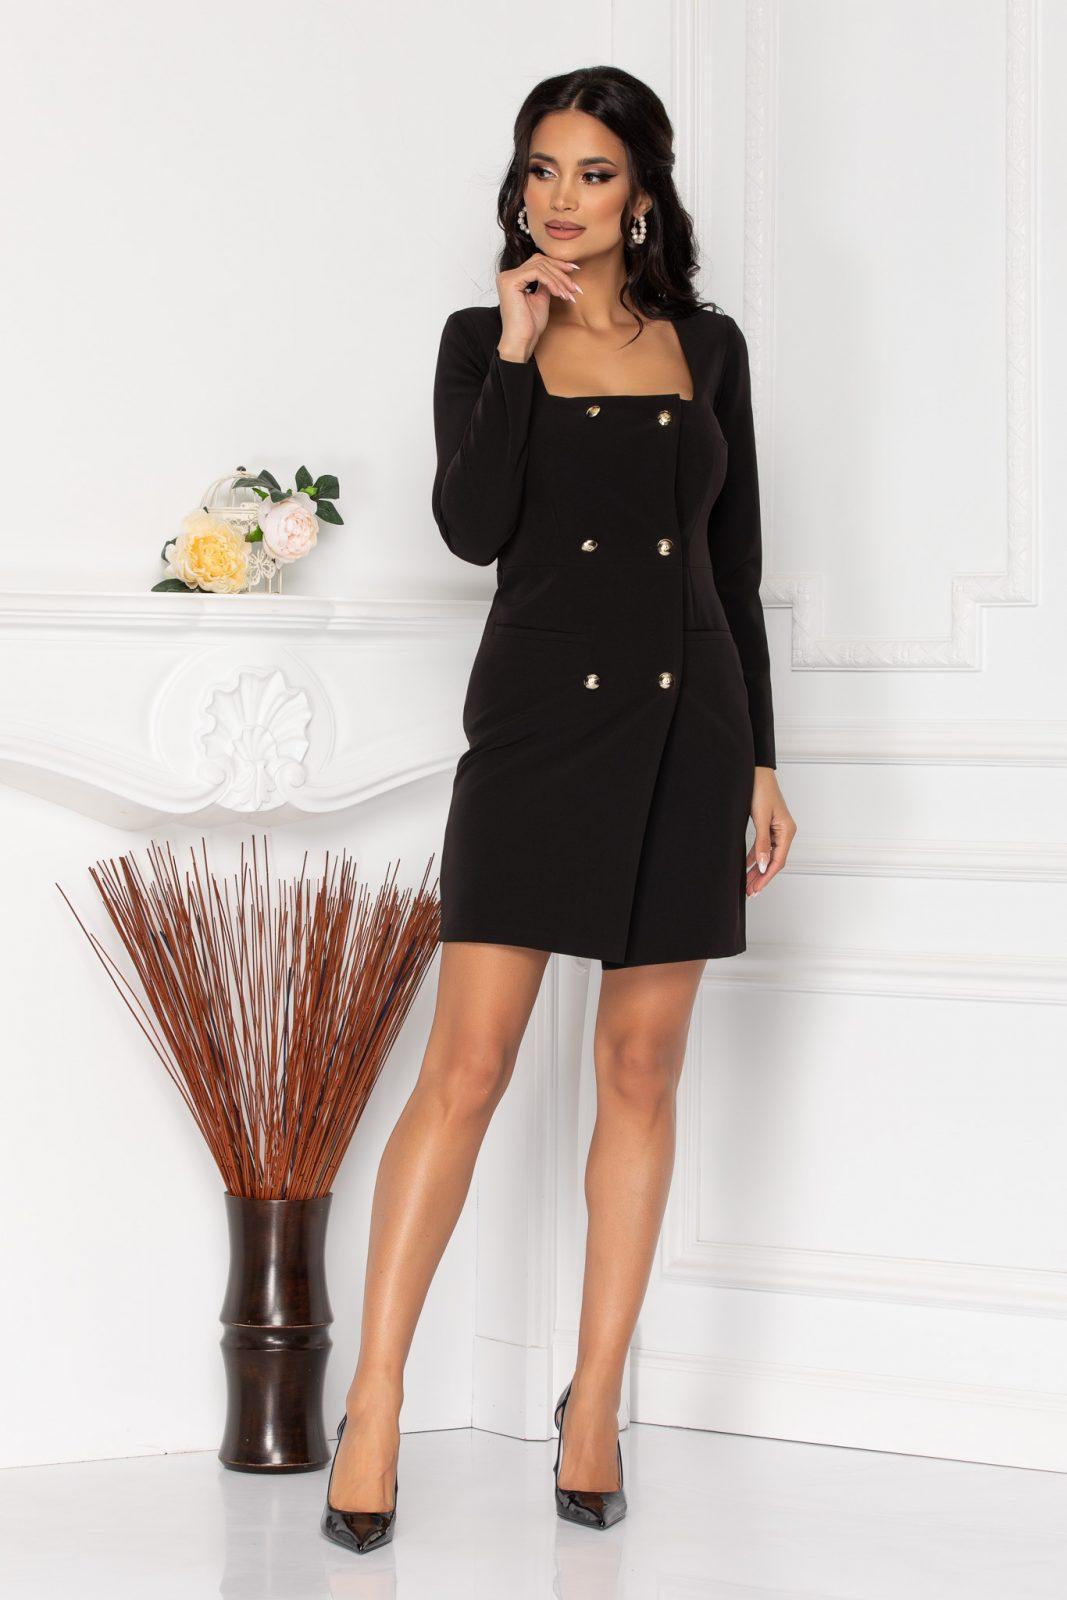 Μαύρο Φόρεμα Με Κουμπιά Penny 8507 2